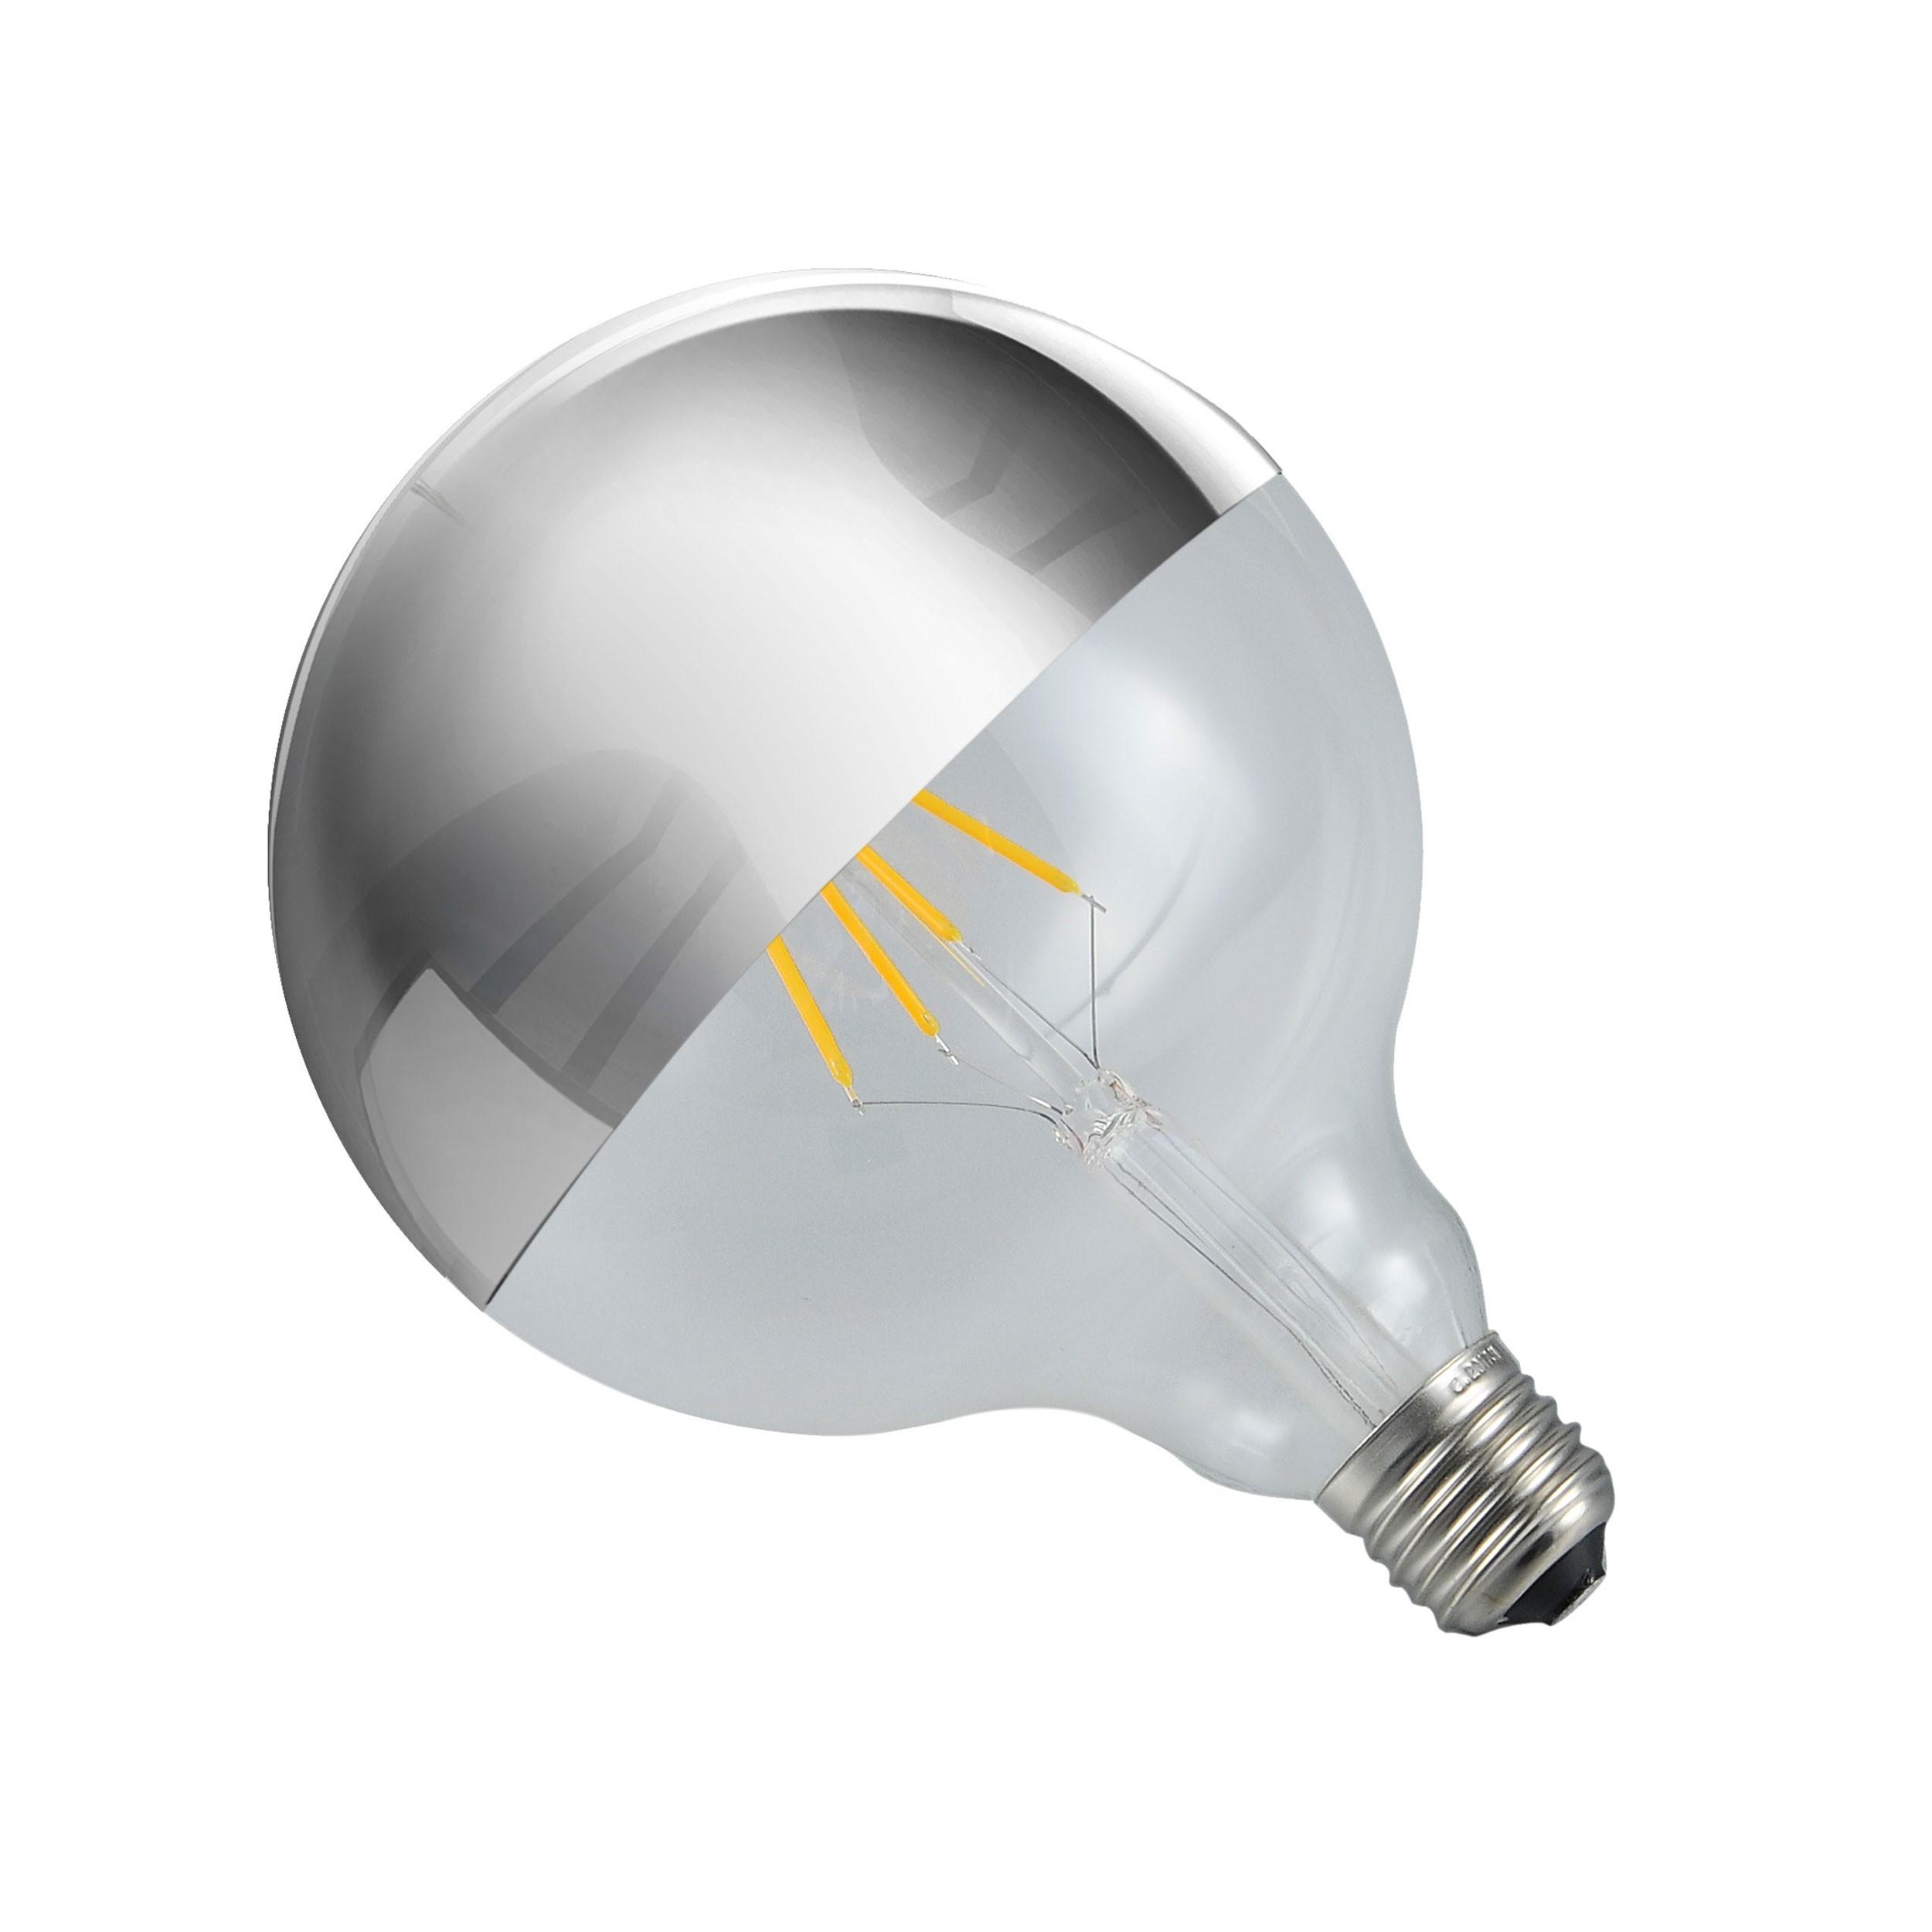 Ampoule globe LED à calotte chromée : achetez les ampoules globe ...